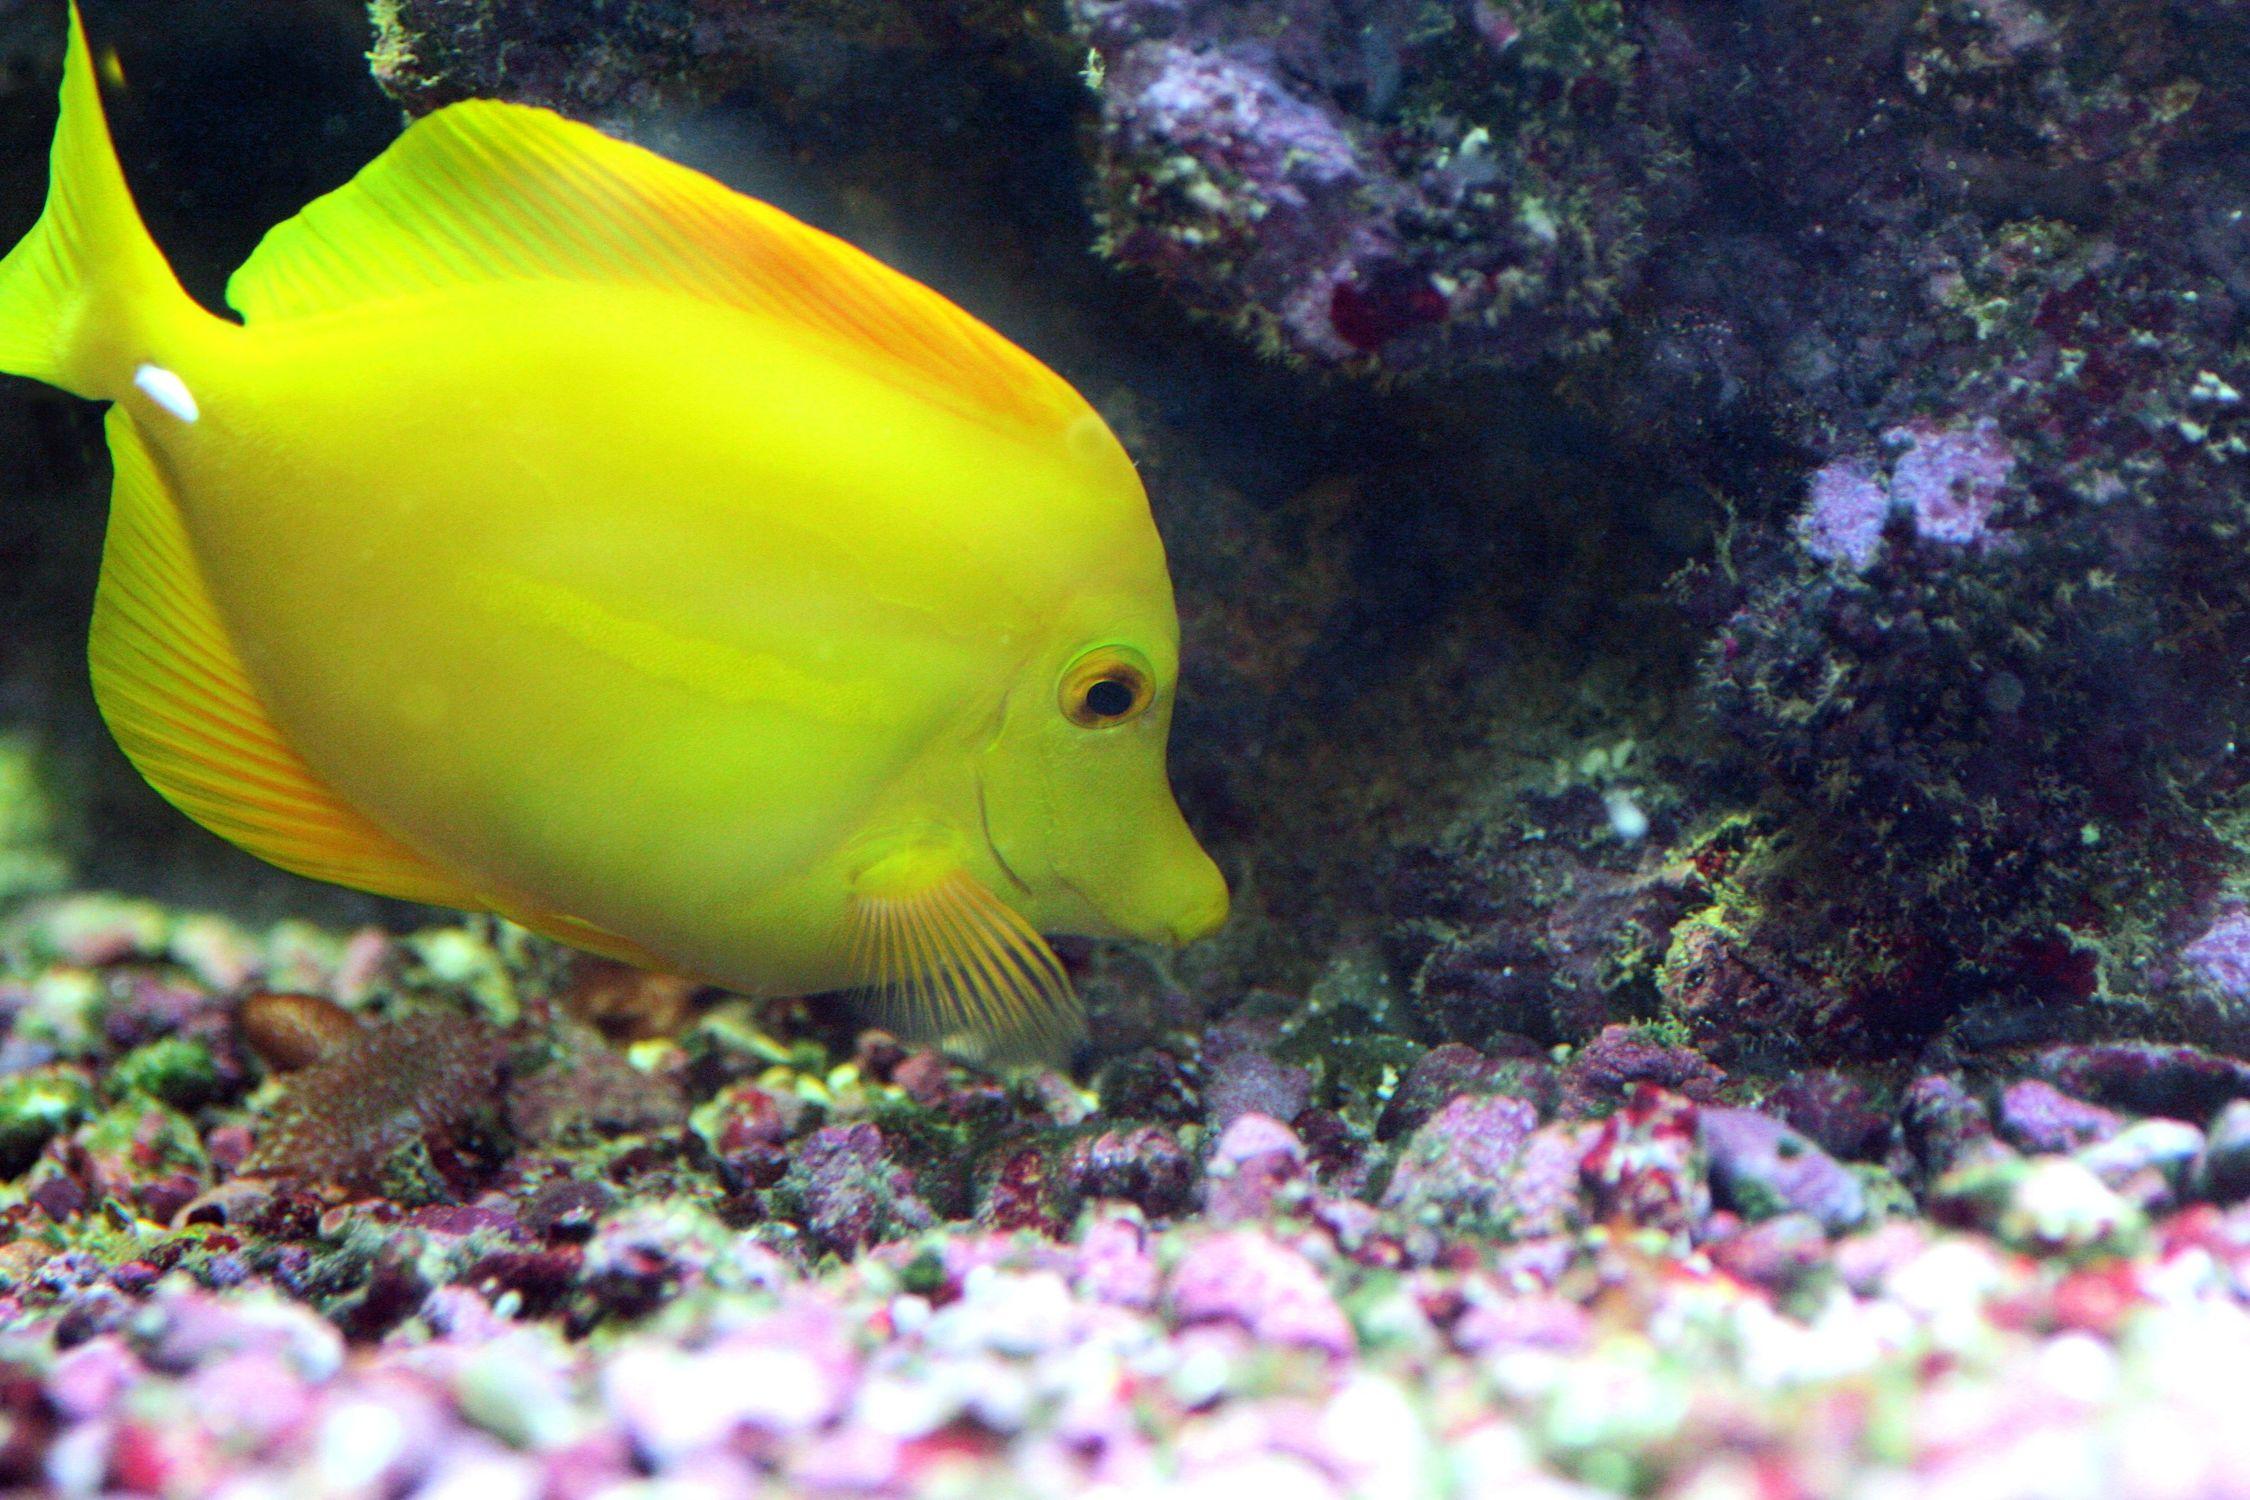 Bild mit Farben, Gelb, Gegenstände, Tiere, Natur, Landschaften, Nesseltiere, Korallen, Fische, Fische, Barsche, Unterwasser, Riffs, Aquarien, Tier, Krebse und Weichtiere, Fisch